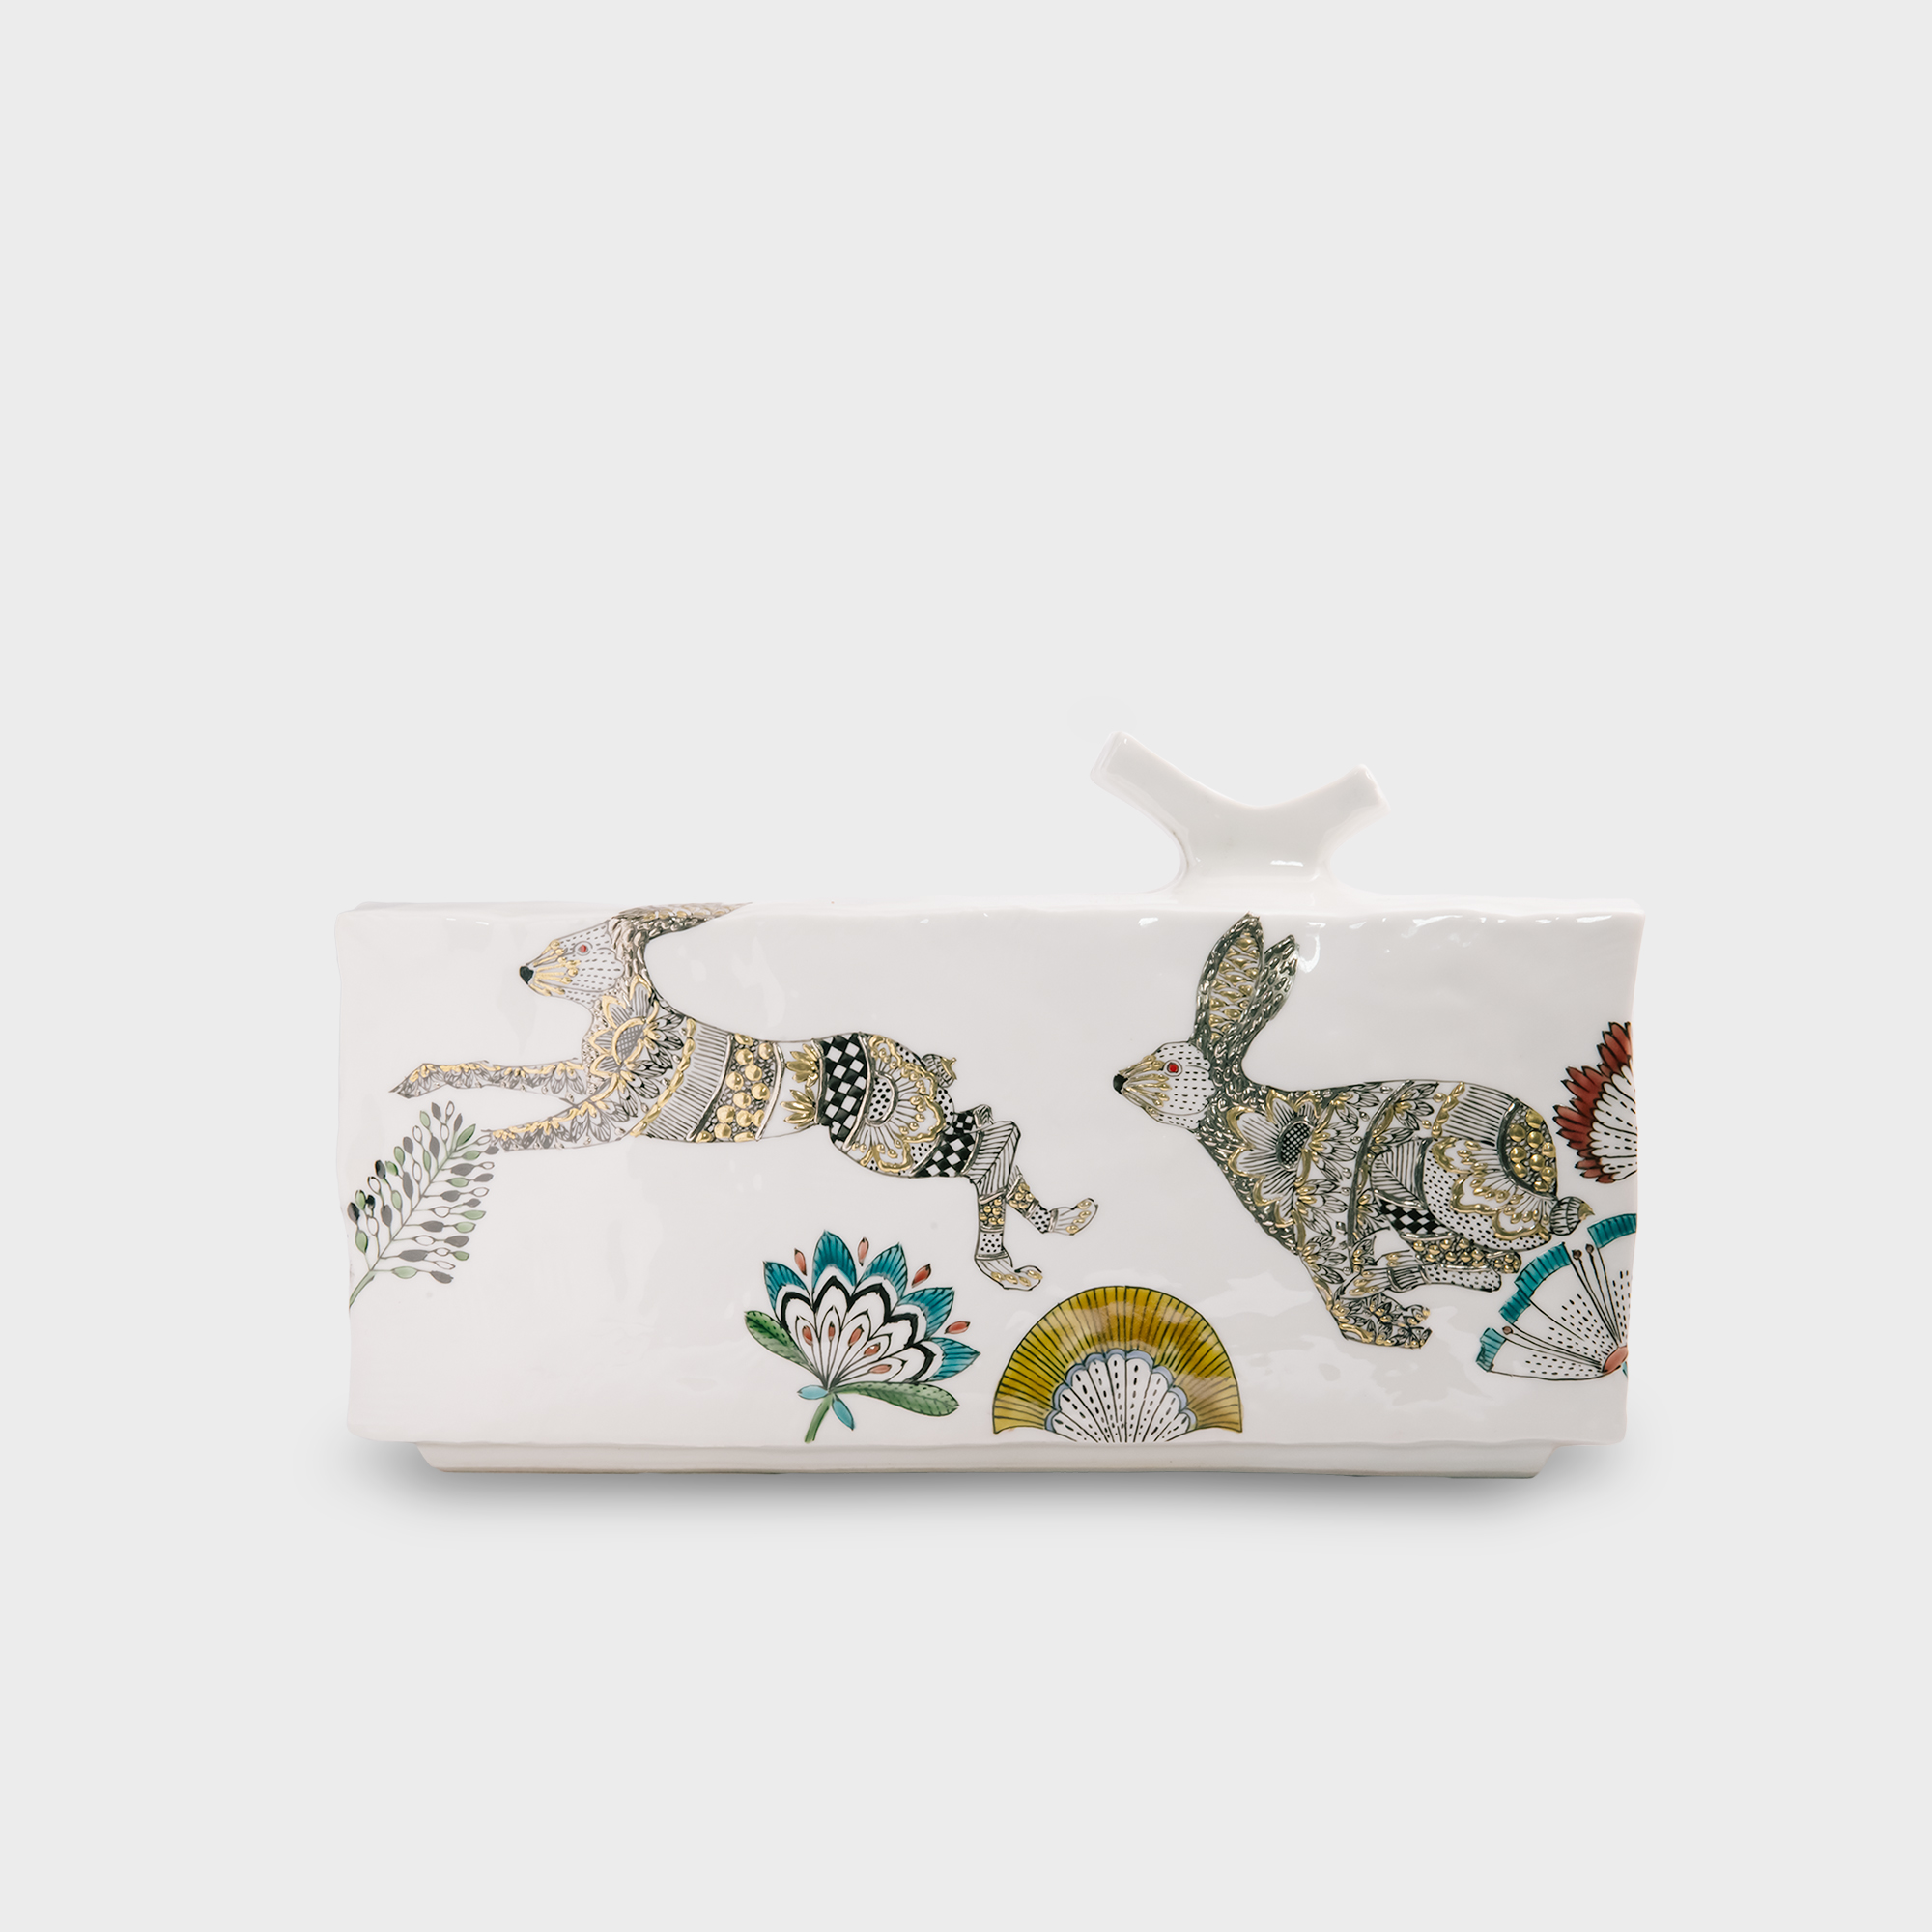 線描金盛花器・走るウサギ